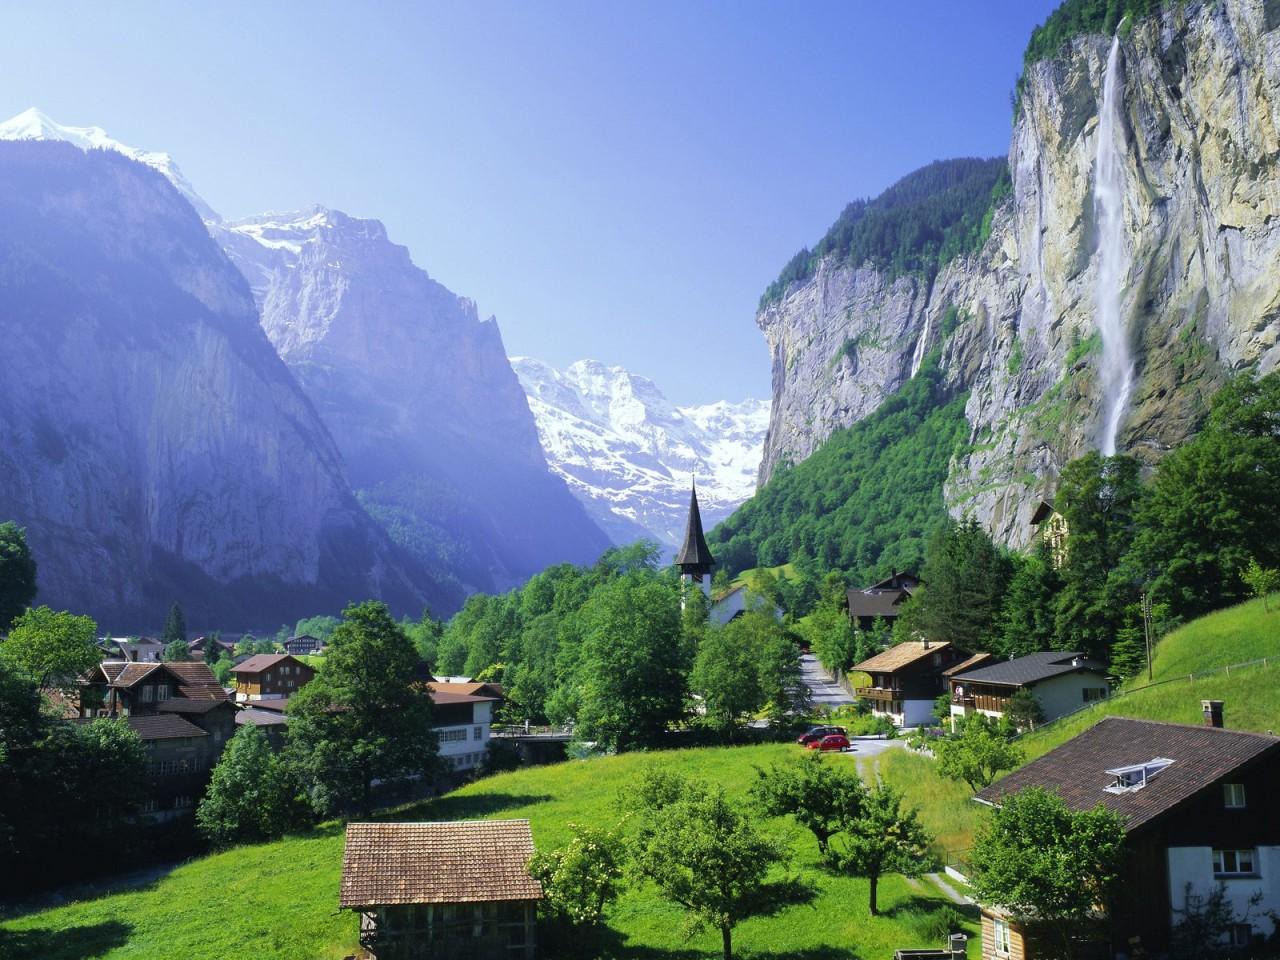 10 самых красивых долин мира, где многие мечтают побывать!